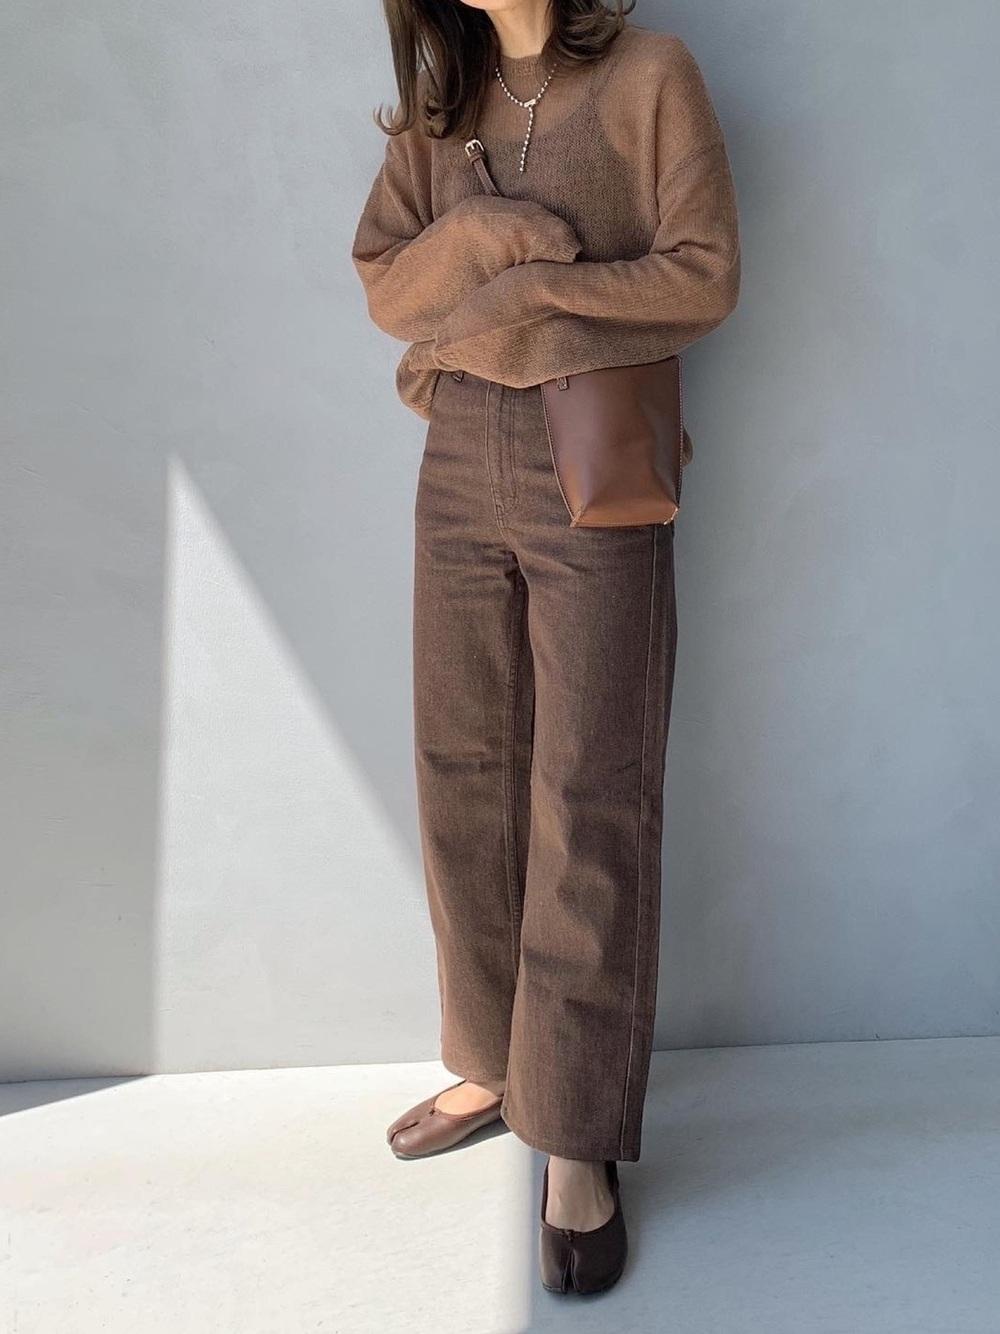 ユニクロのあるジーンズがアツいらしい